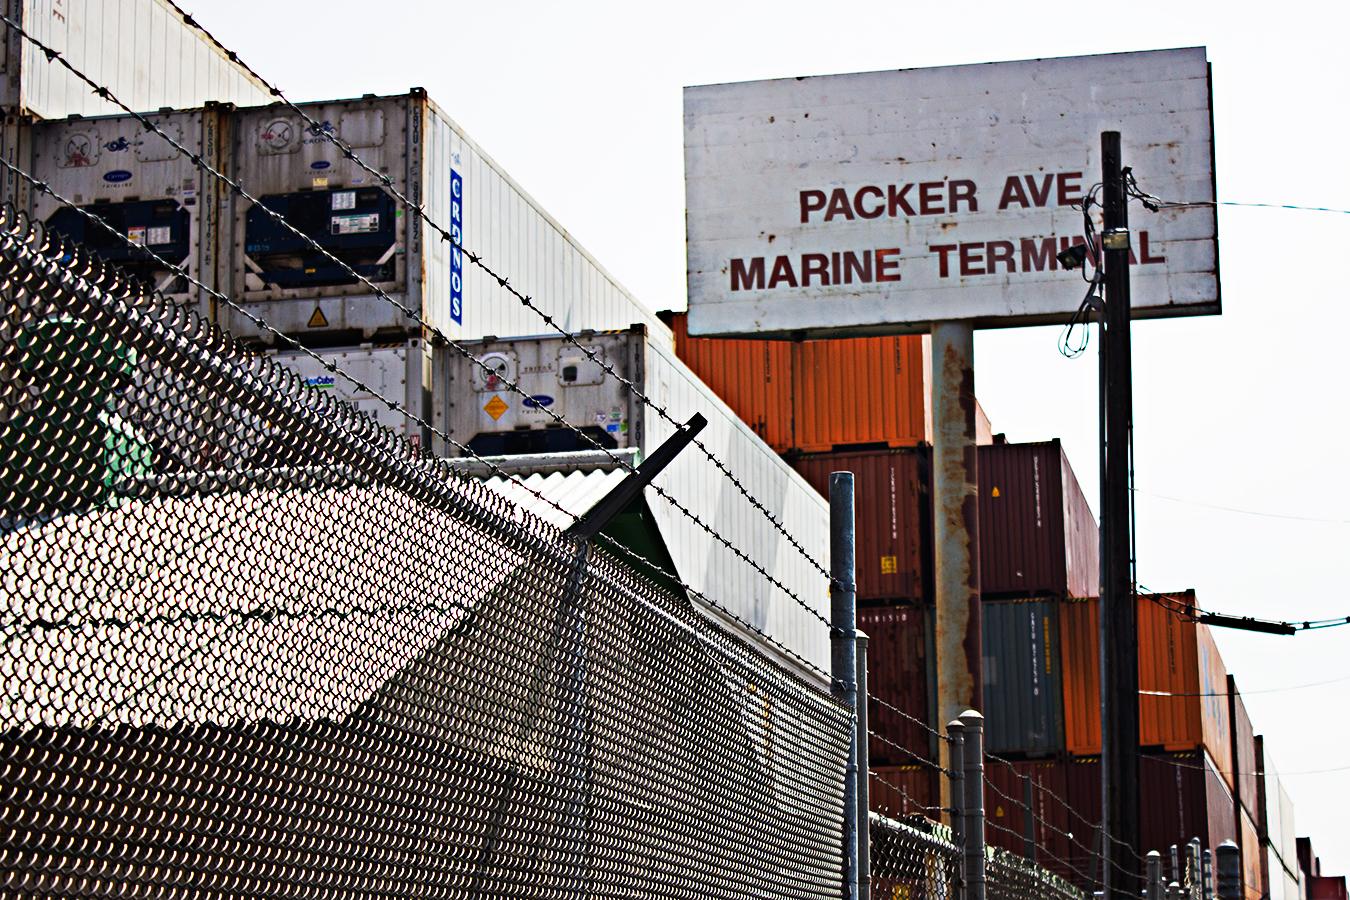 Fangyi_Fan_Packer_Avenue_Marine_Terminal_Containers